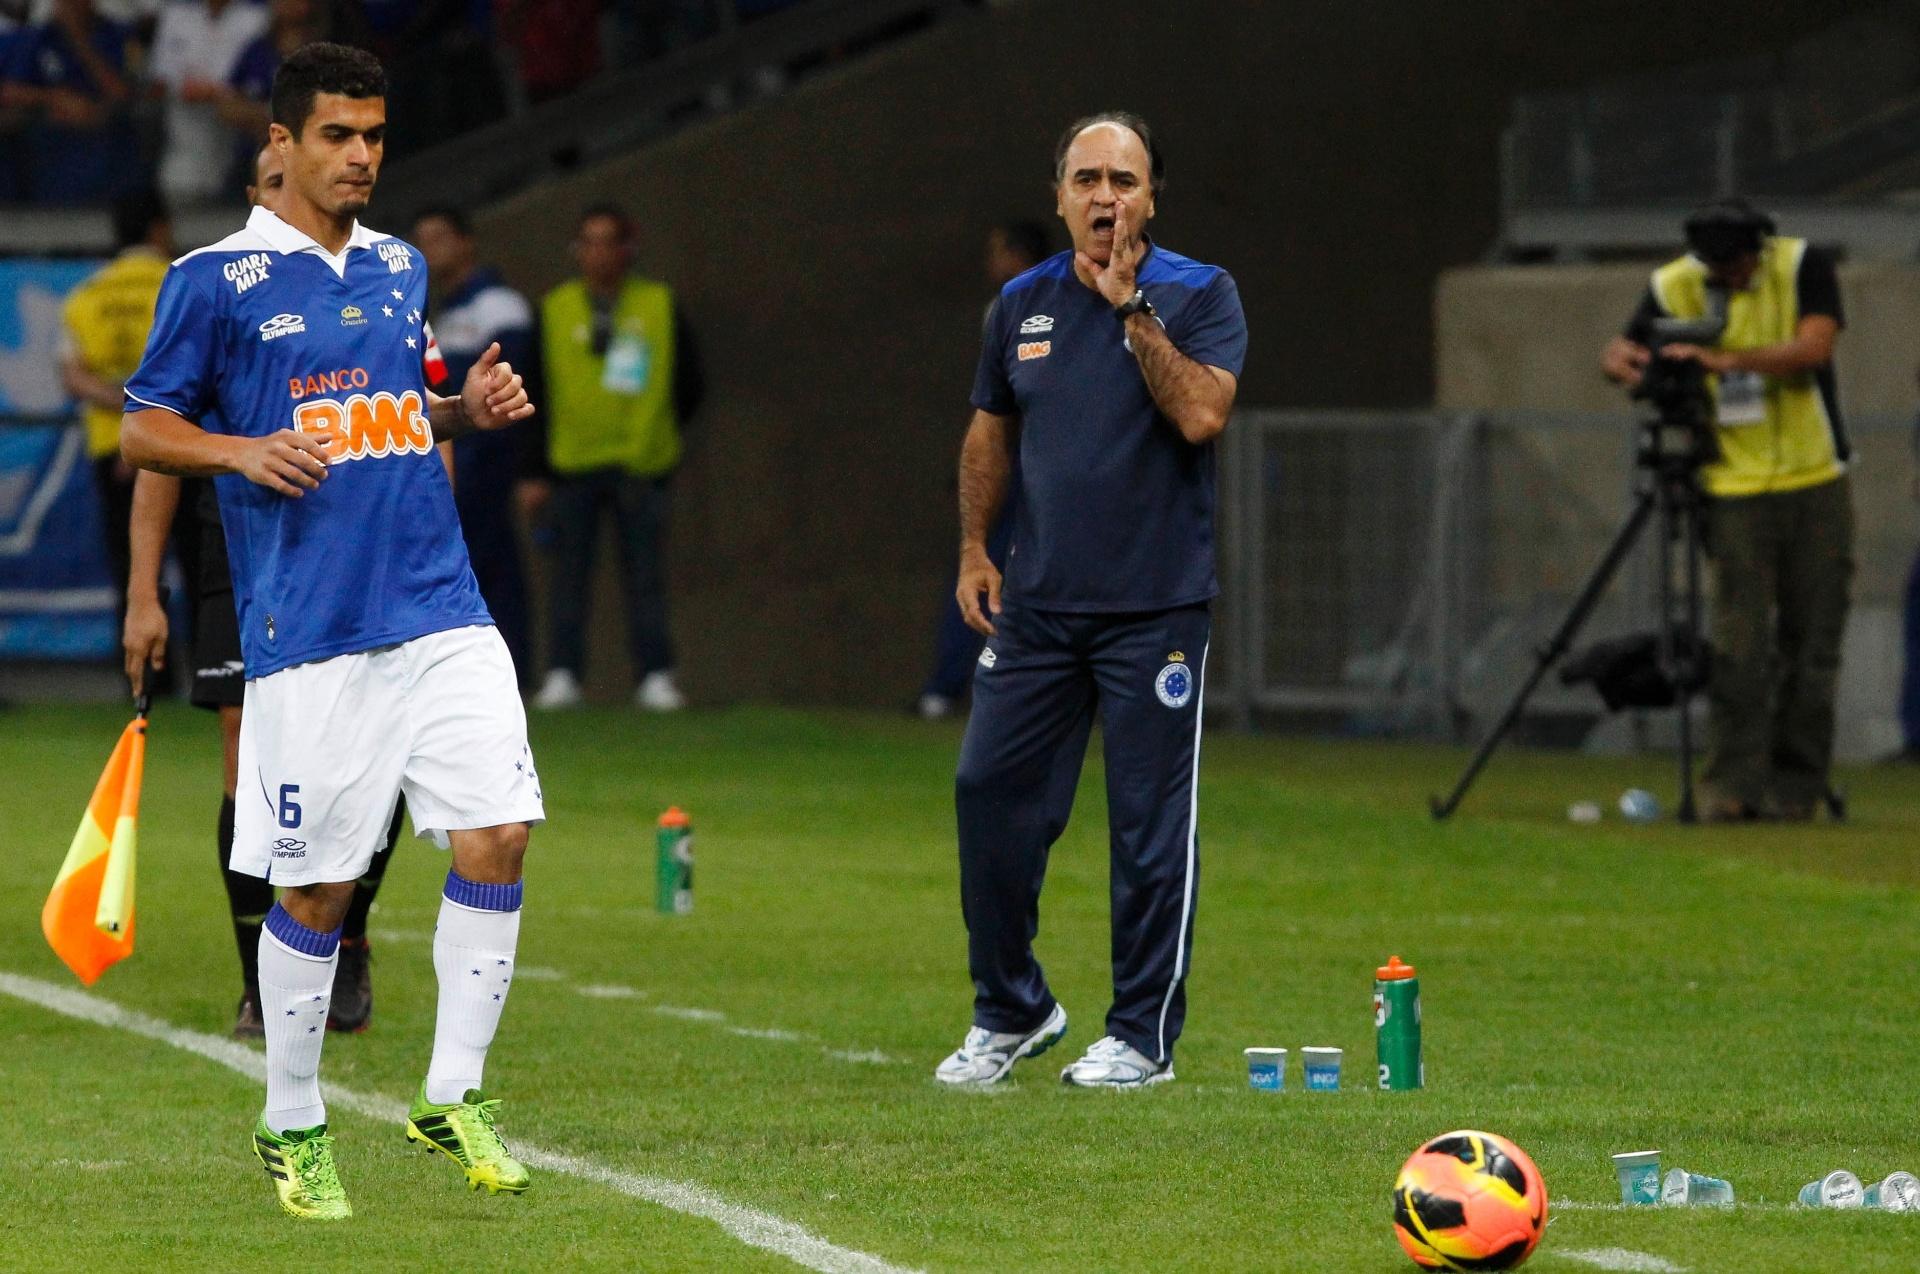 03.ago.2013 - Egídio vai buscar a bola para cobrança de lateral enquanto Marcelo Oliveira orienta seus comandados